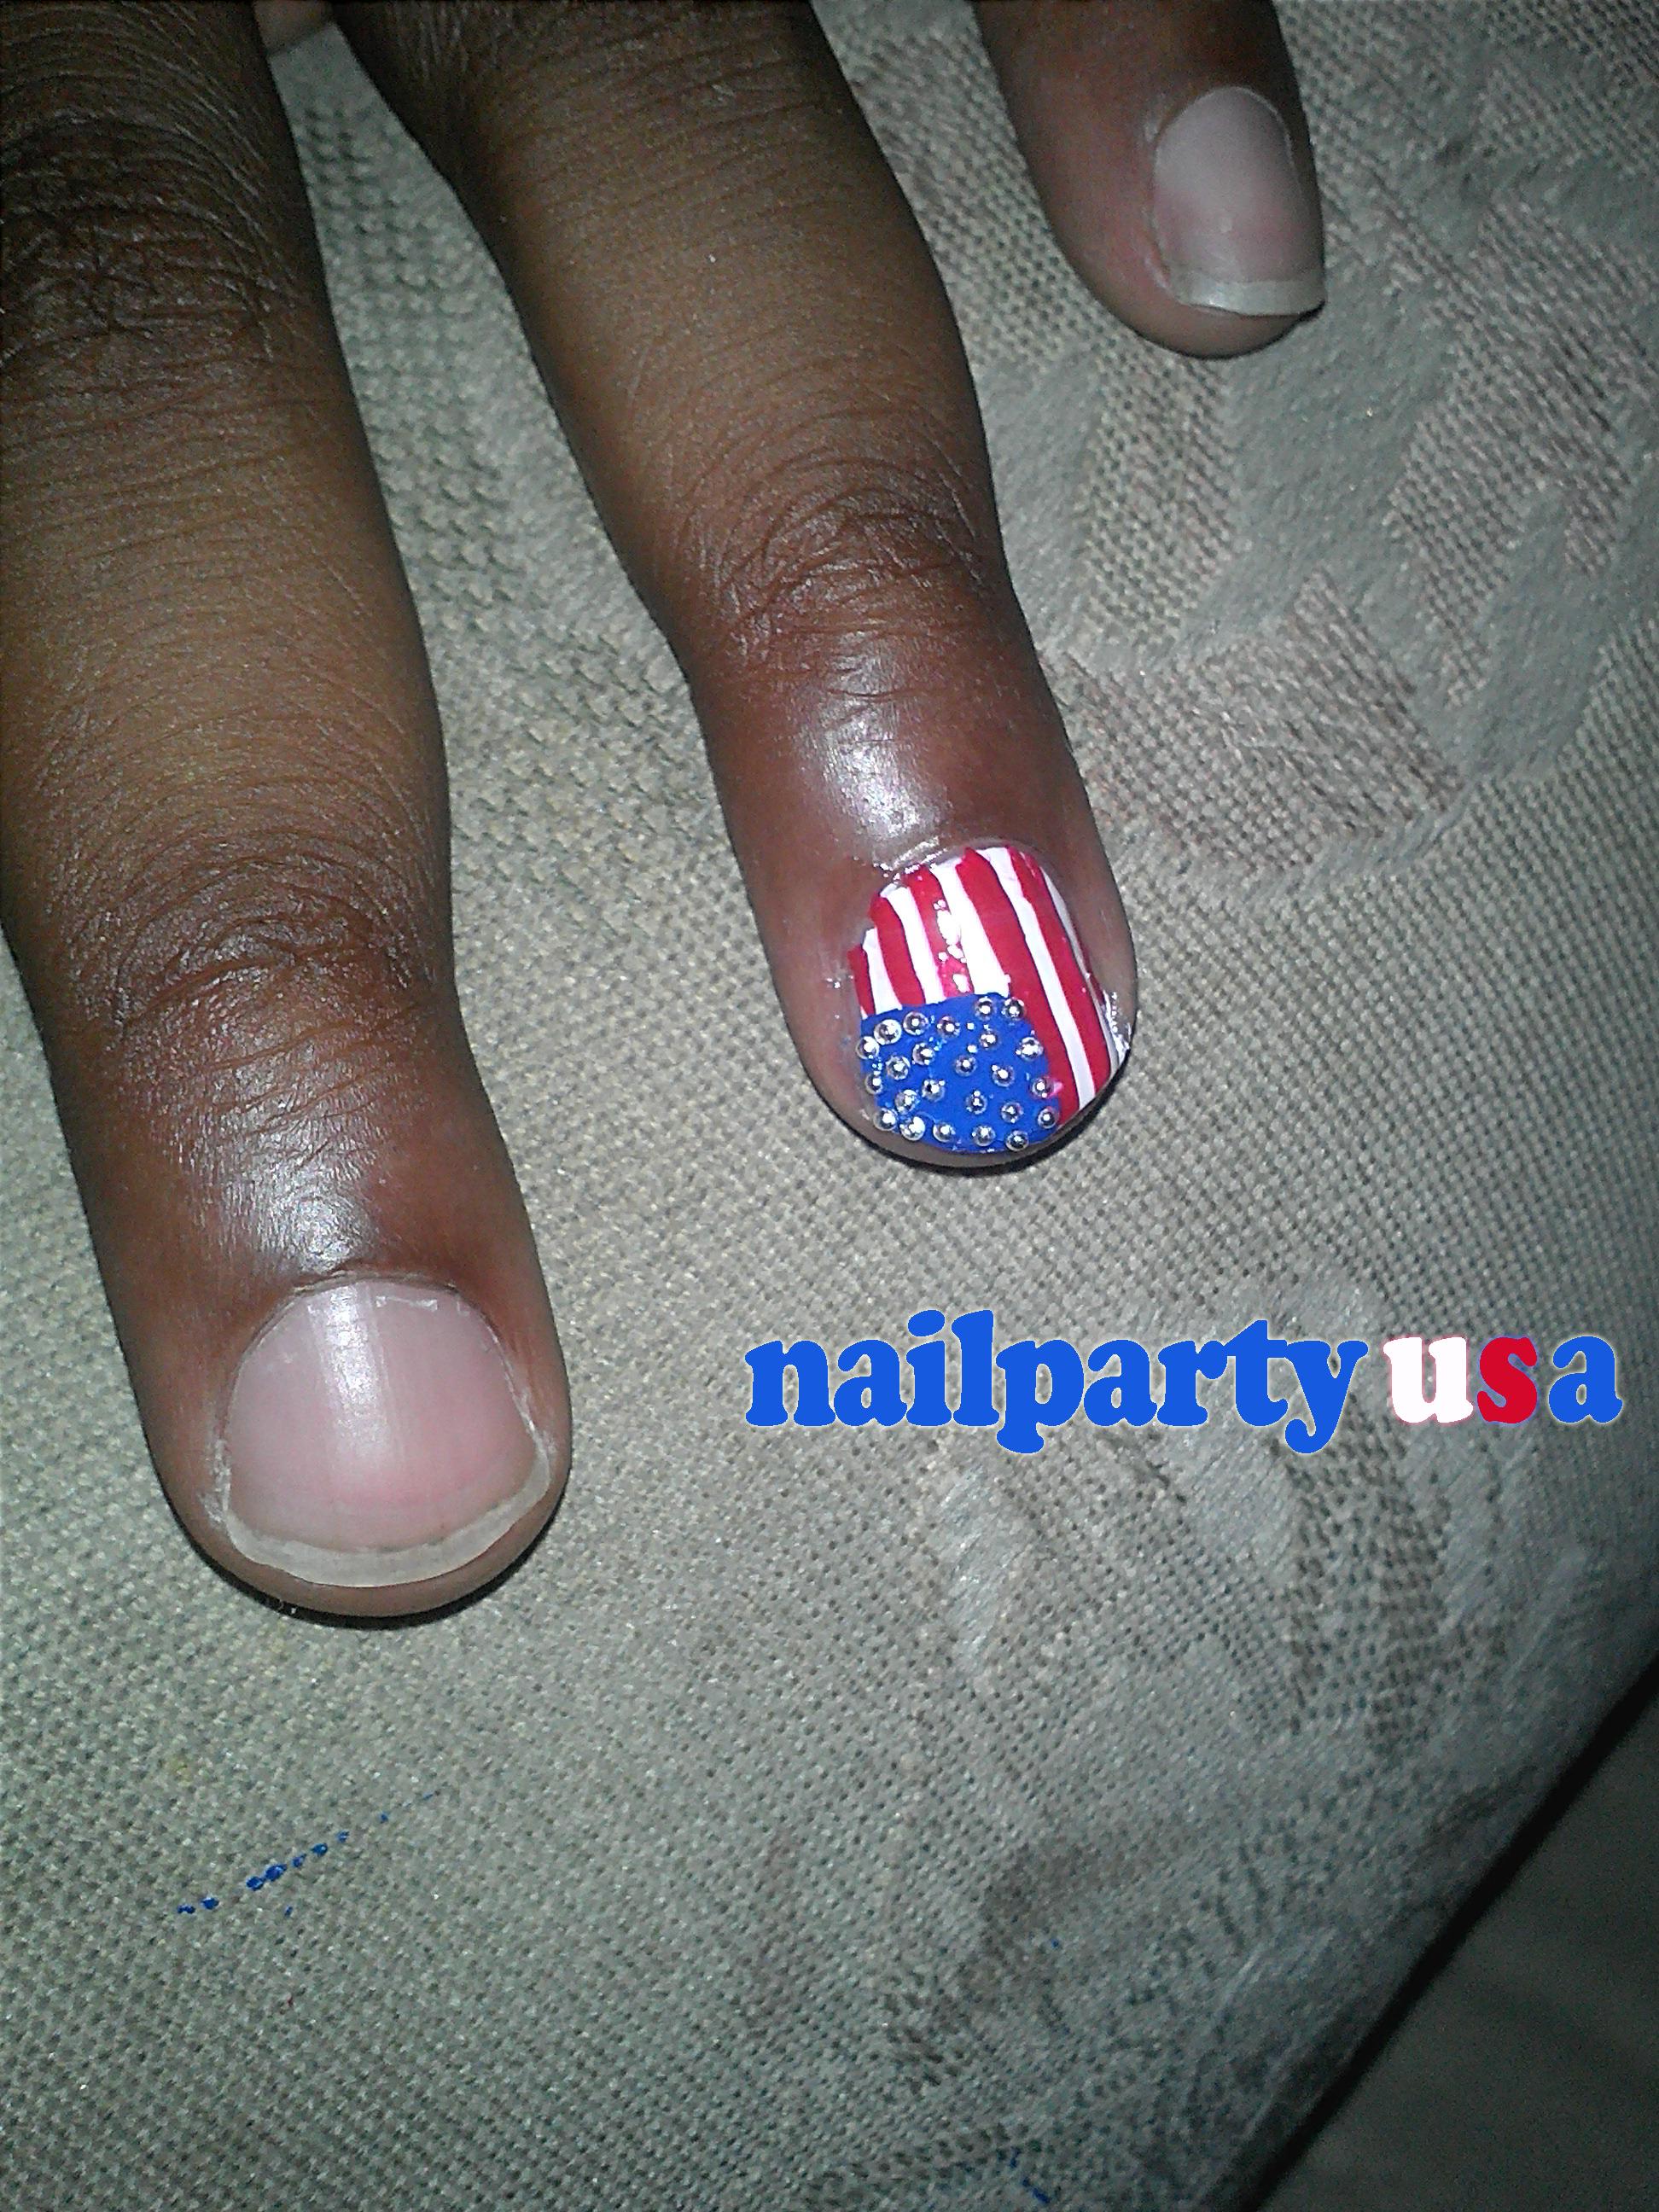 NAIL DESIGN | NAIL PARTY USA